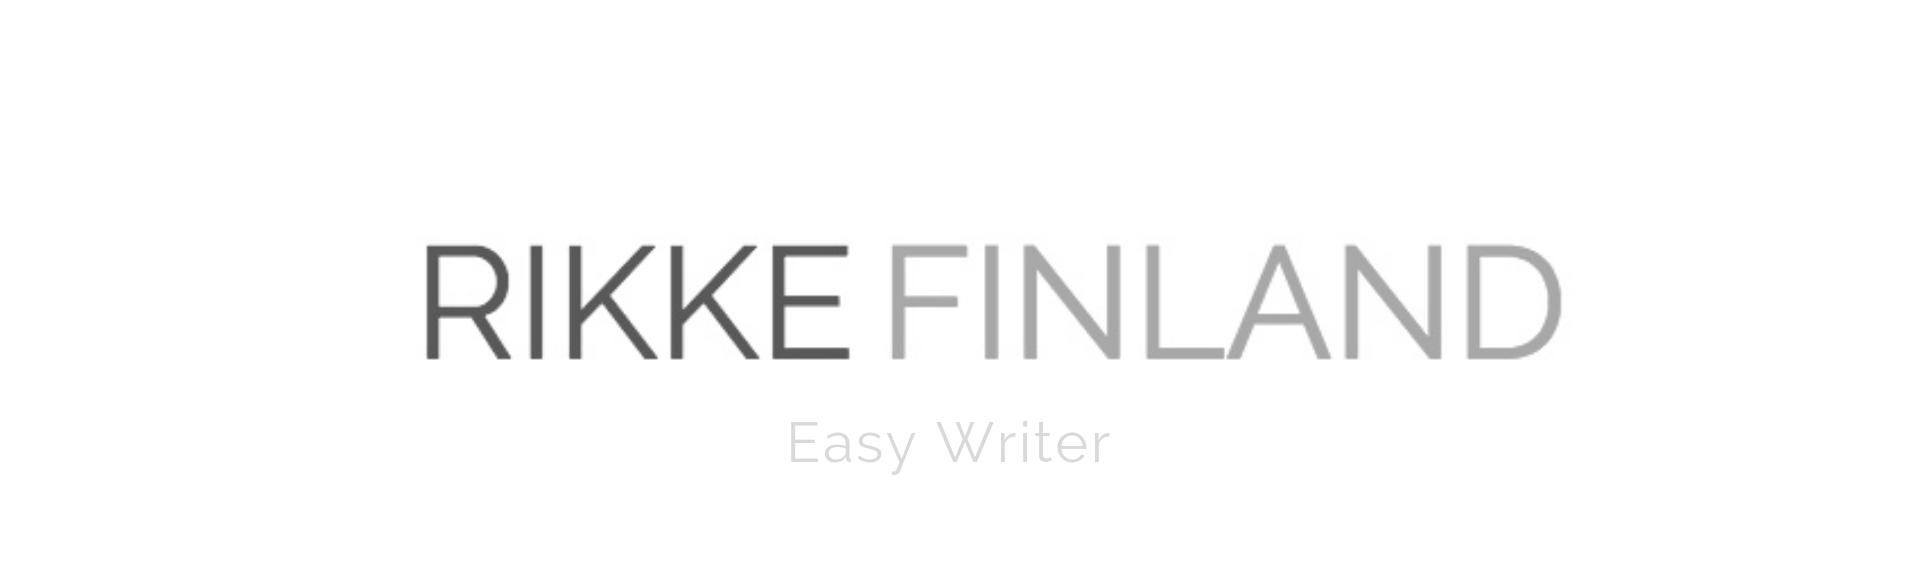 RIKKE FINLAND